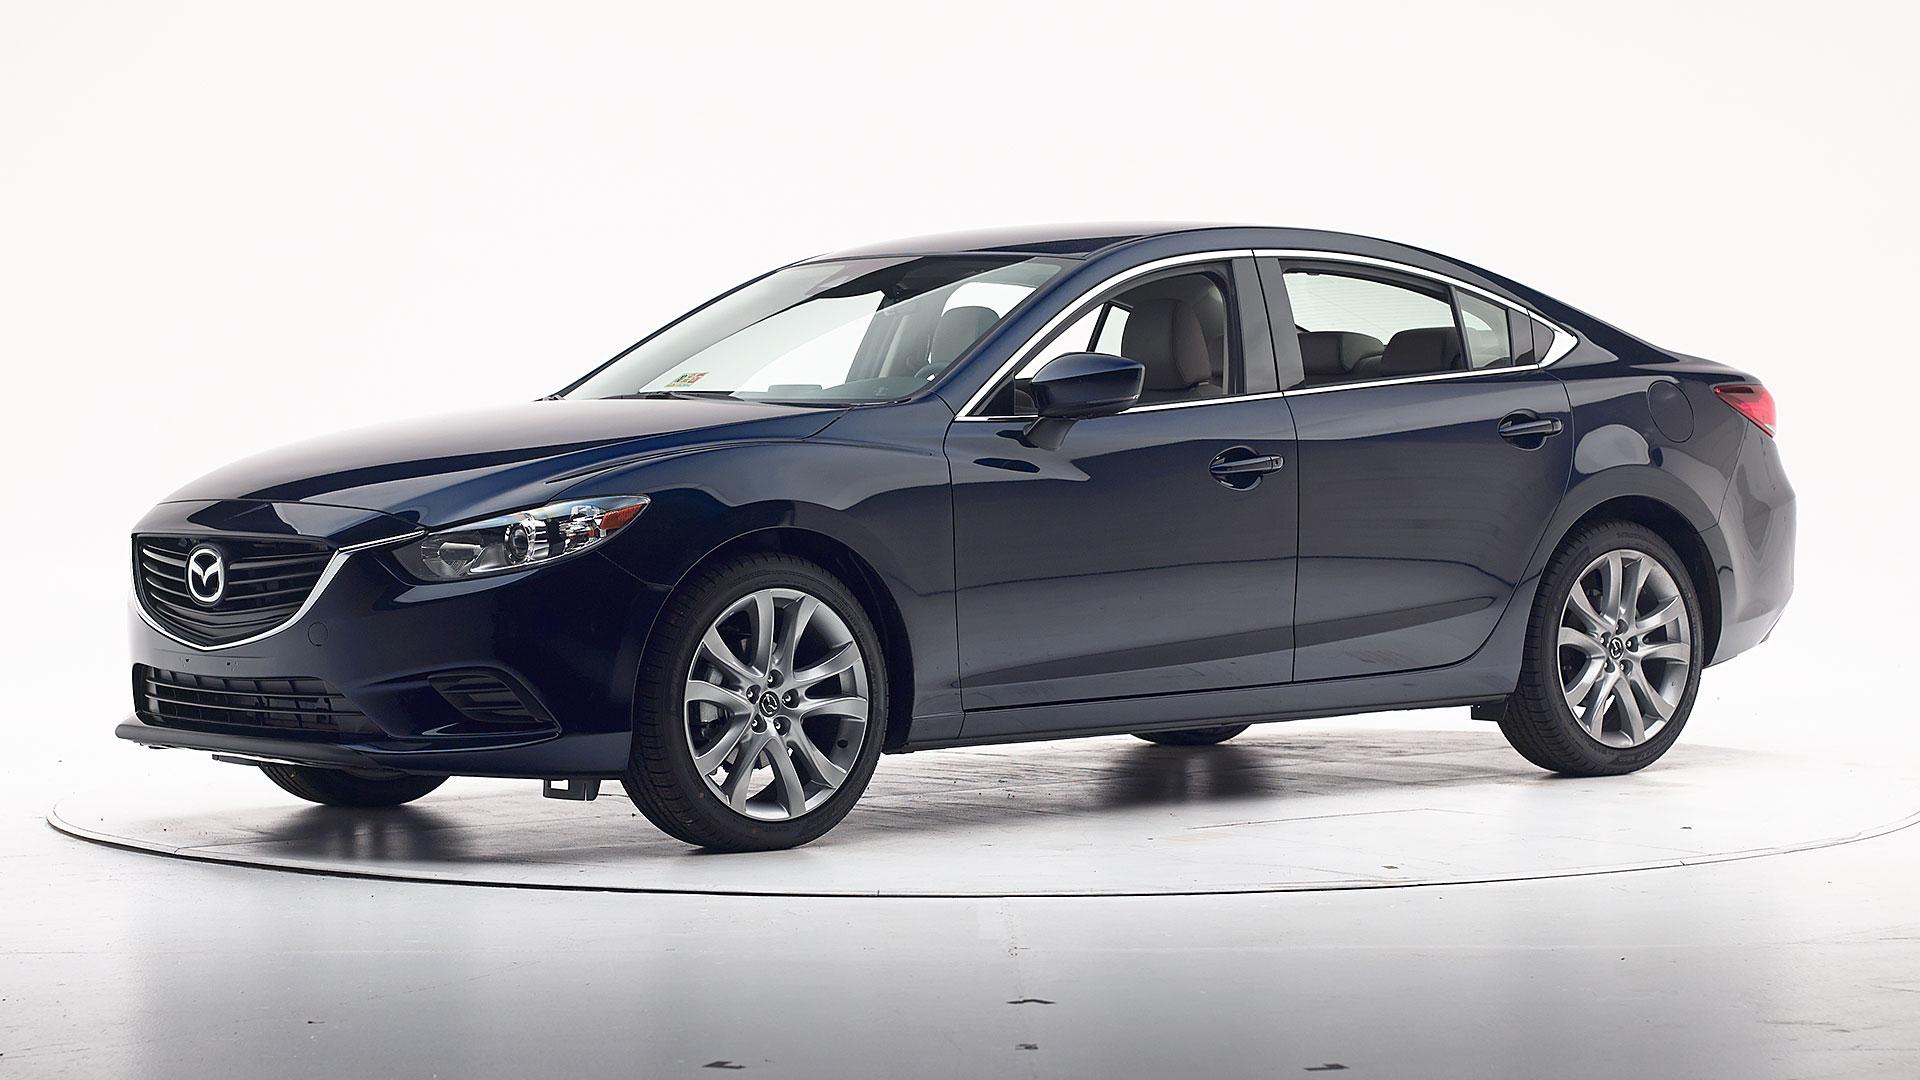 Kelebihan Kekurangan Mazda 6 2017 Tangguh